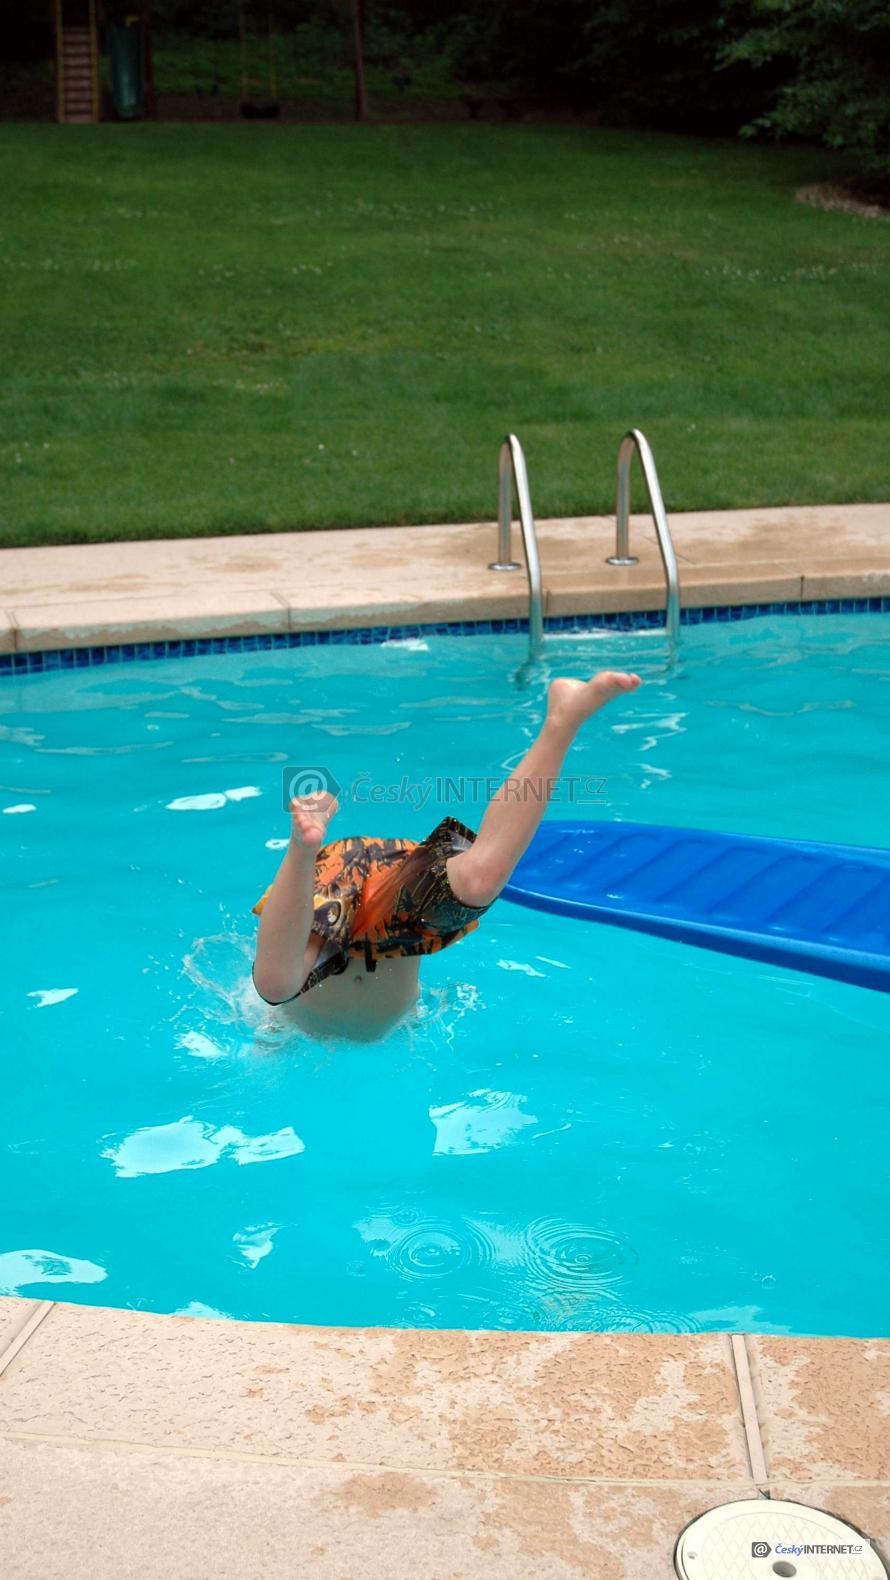 Chlapec skákající šipku do bazénu.